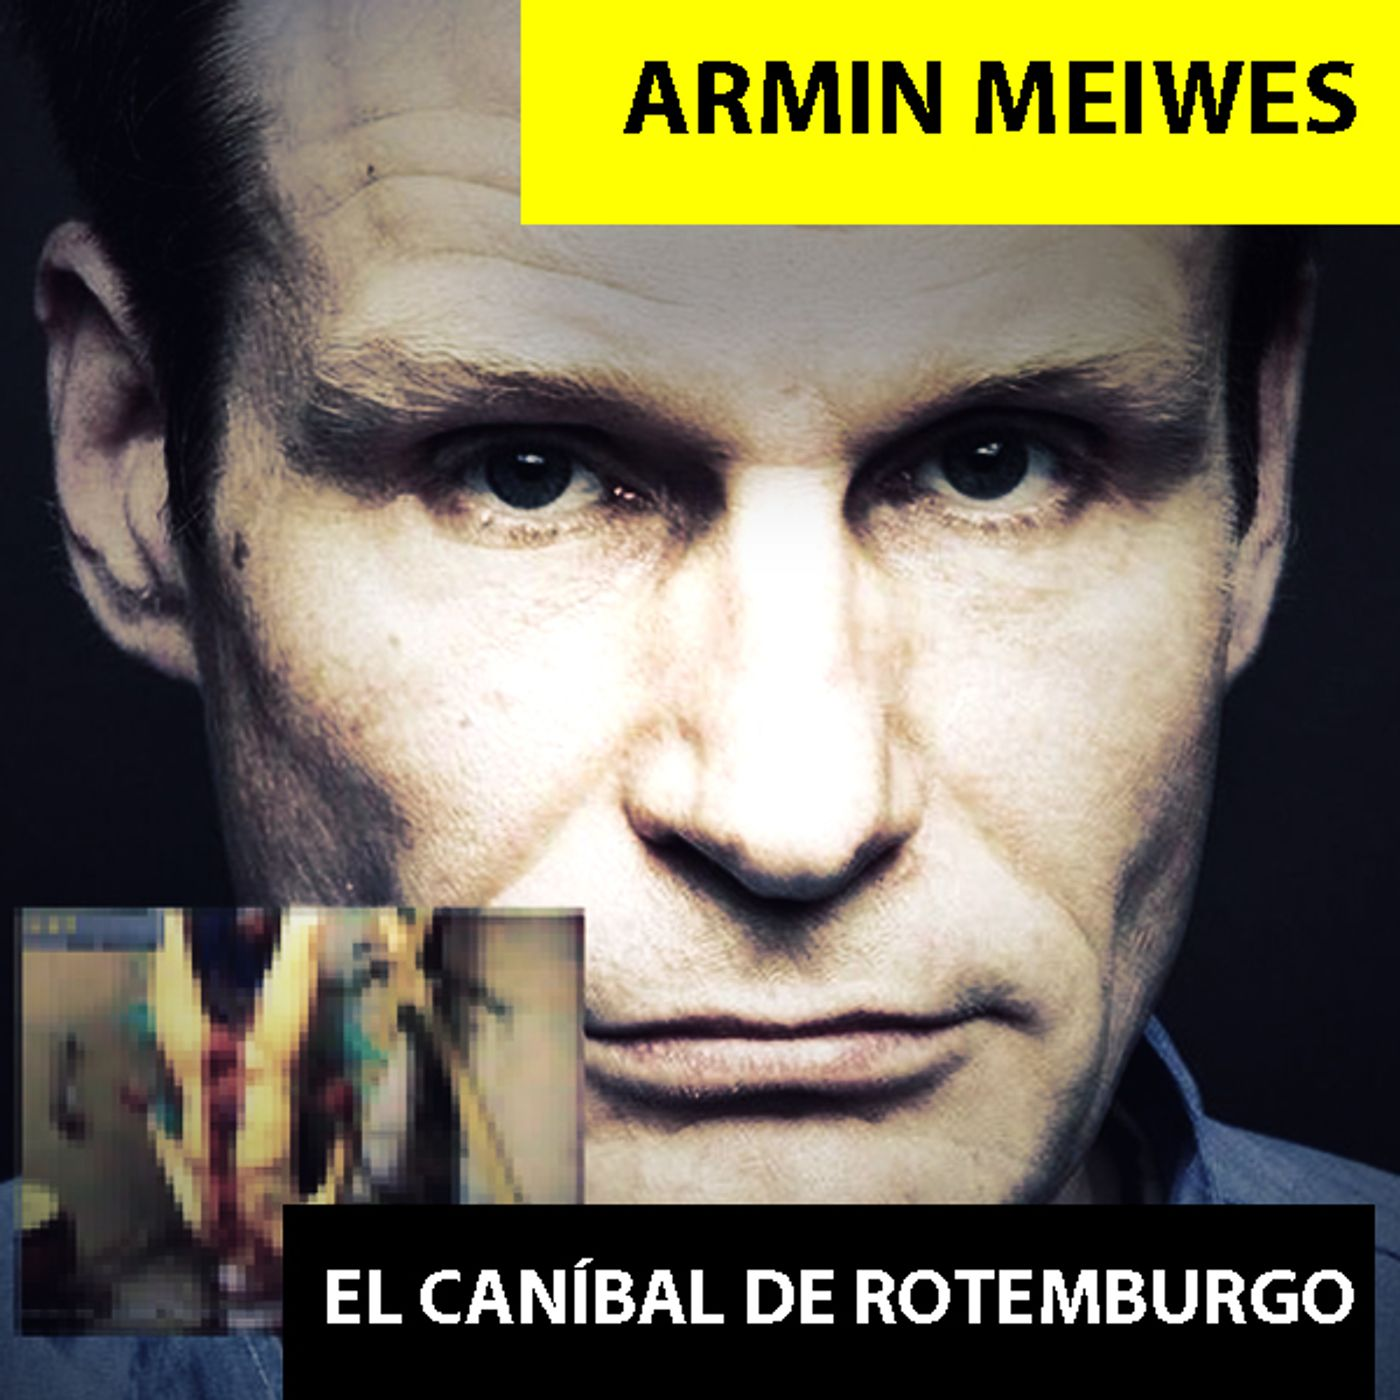 Armin Meiwes | El Caníbal De Rotemburgo